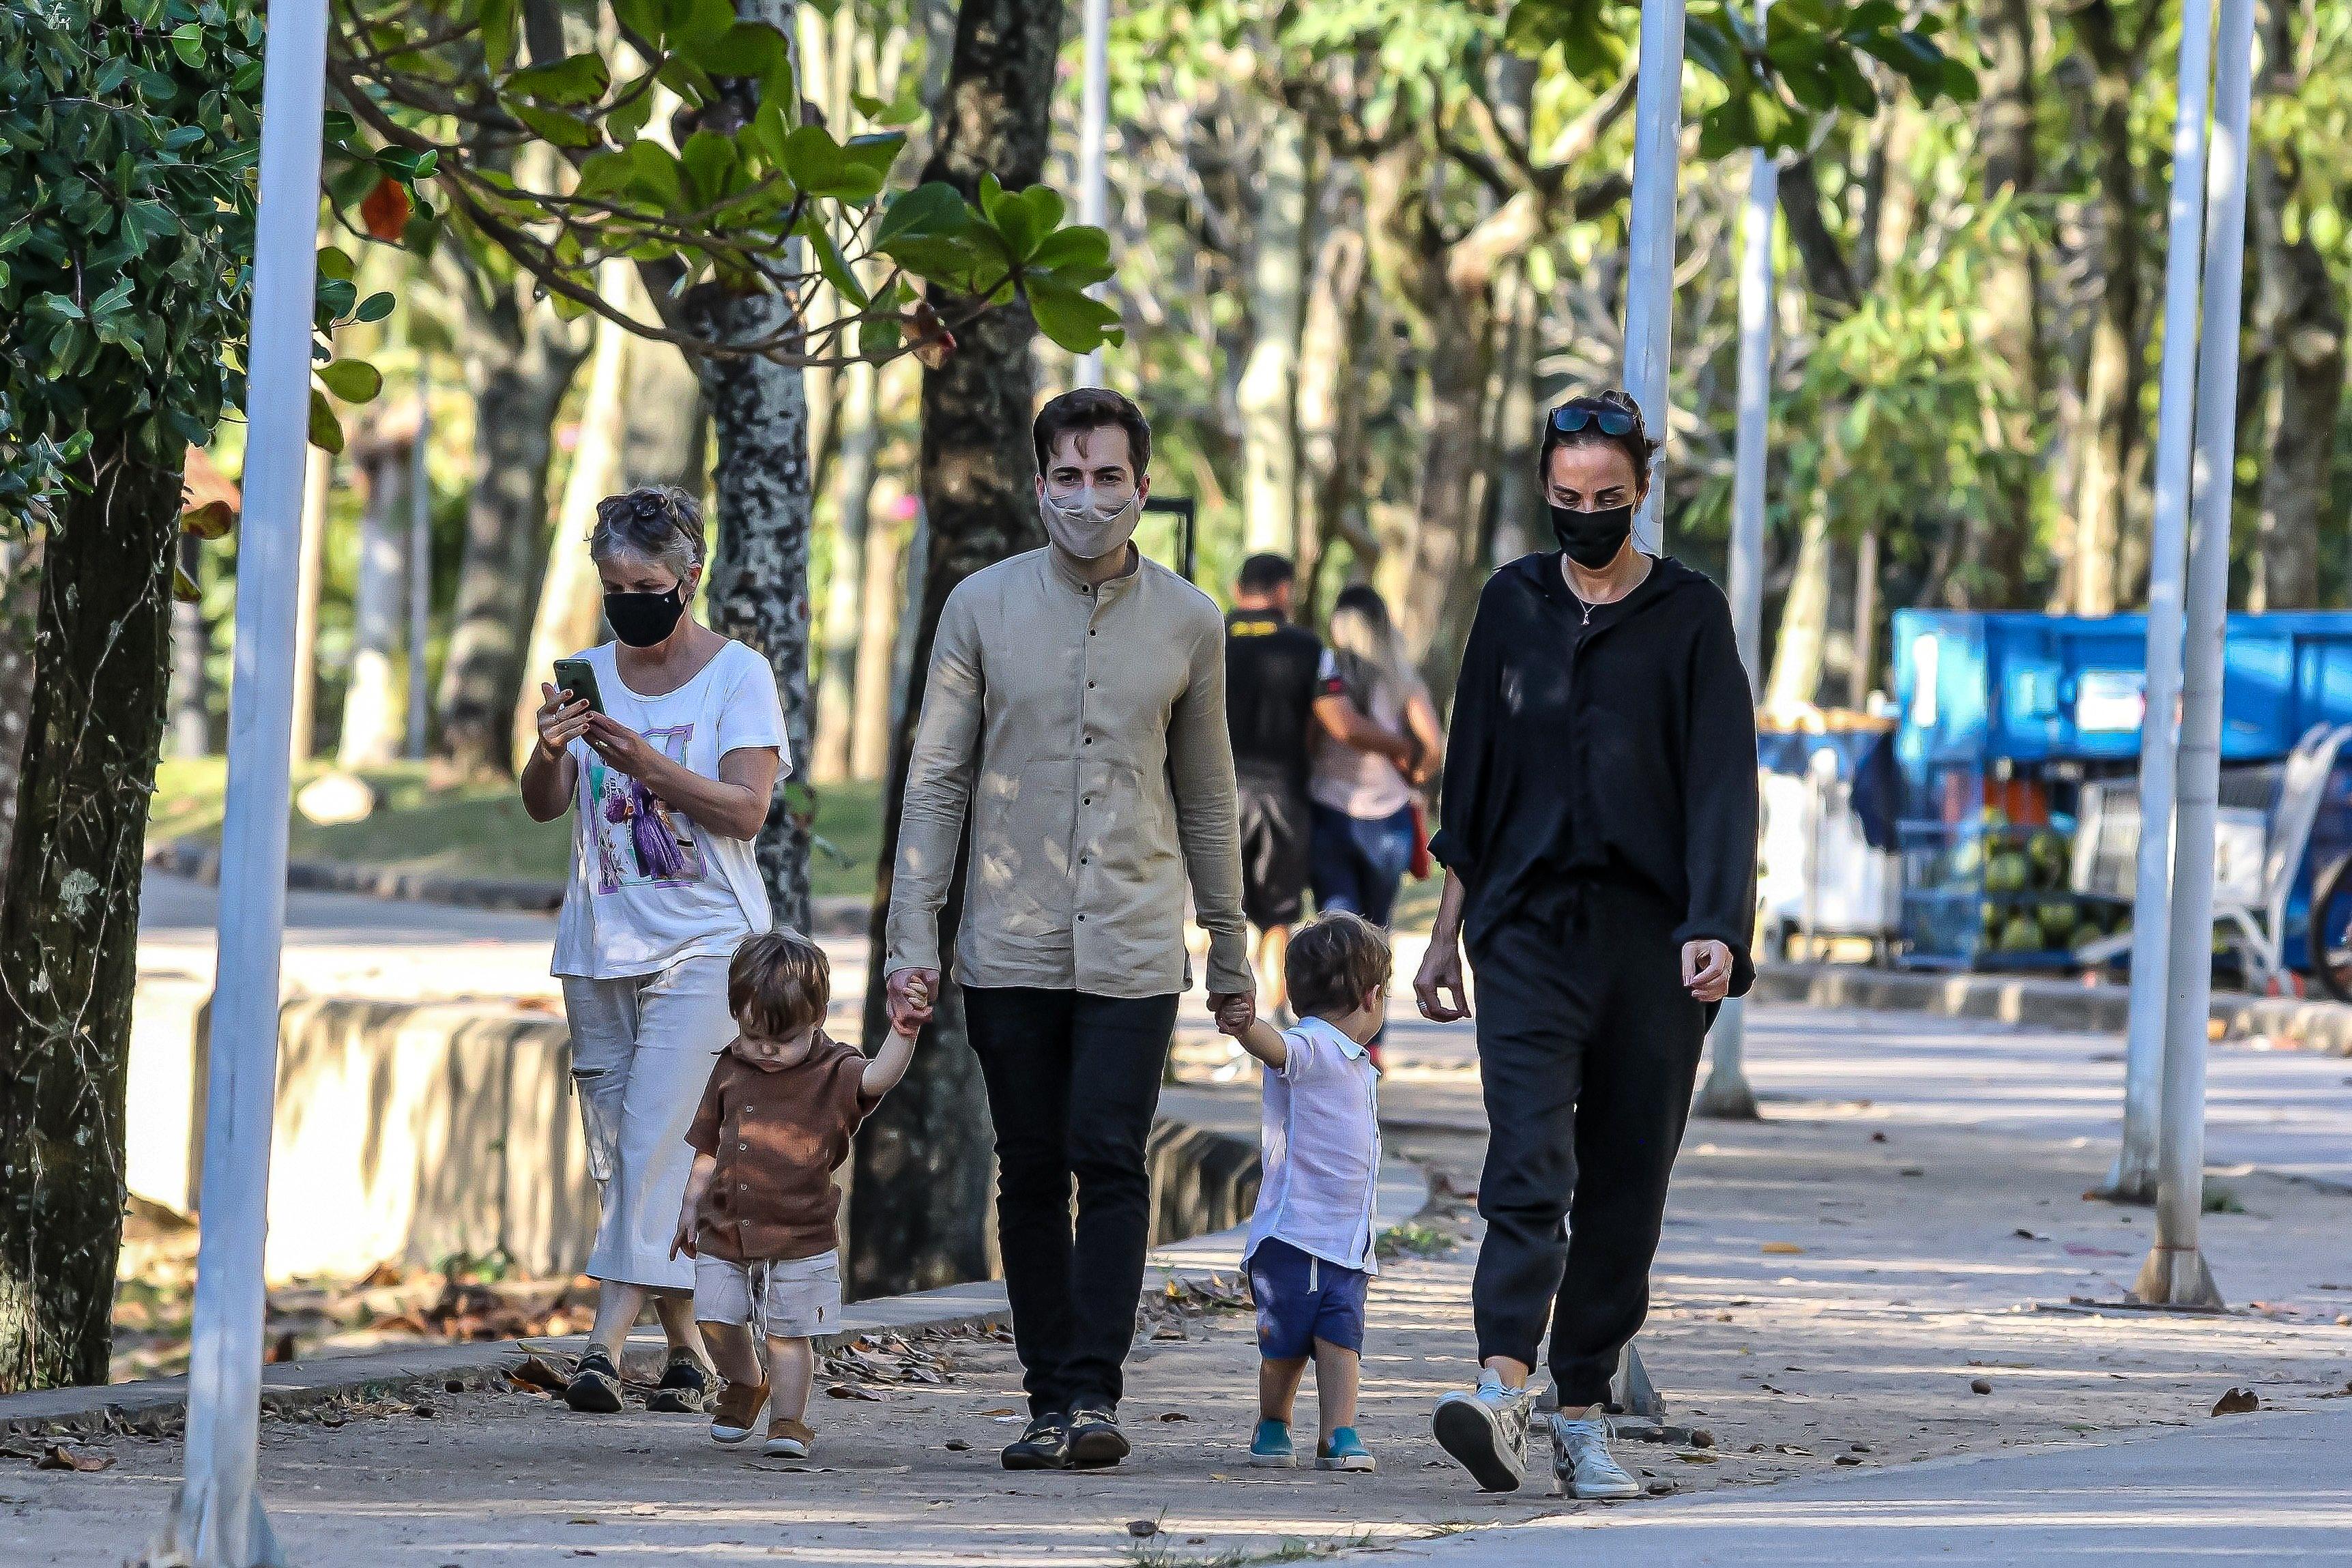 Thales Bretas, Susana Garcia e filhos de Paulo Gustavo